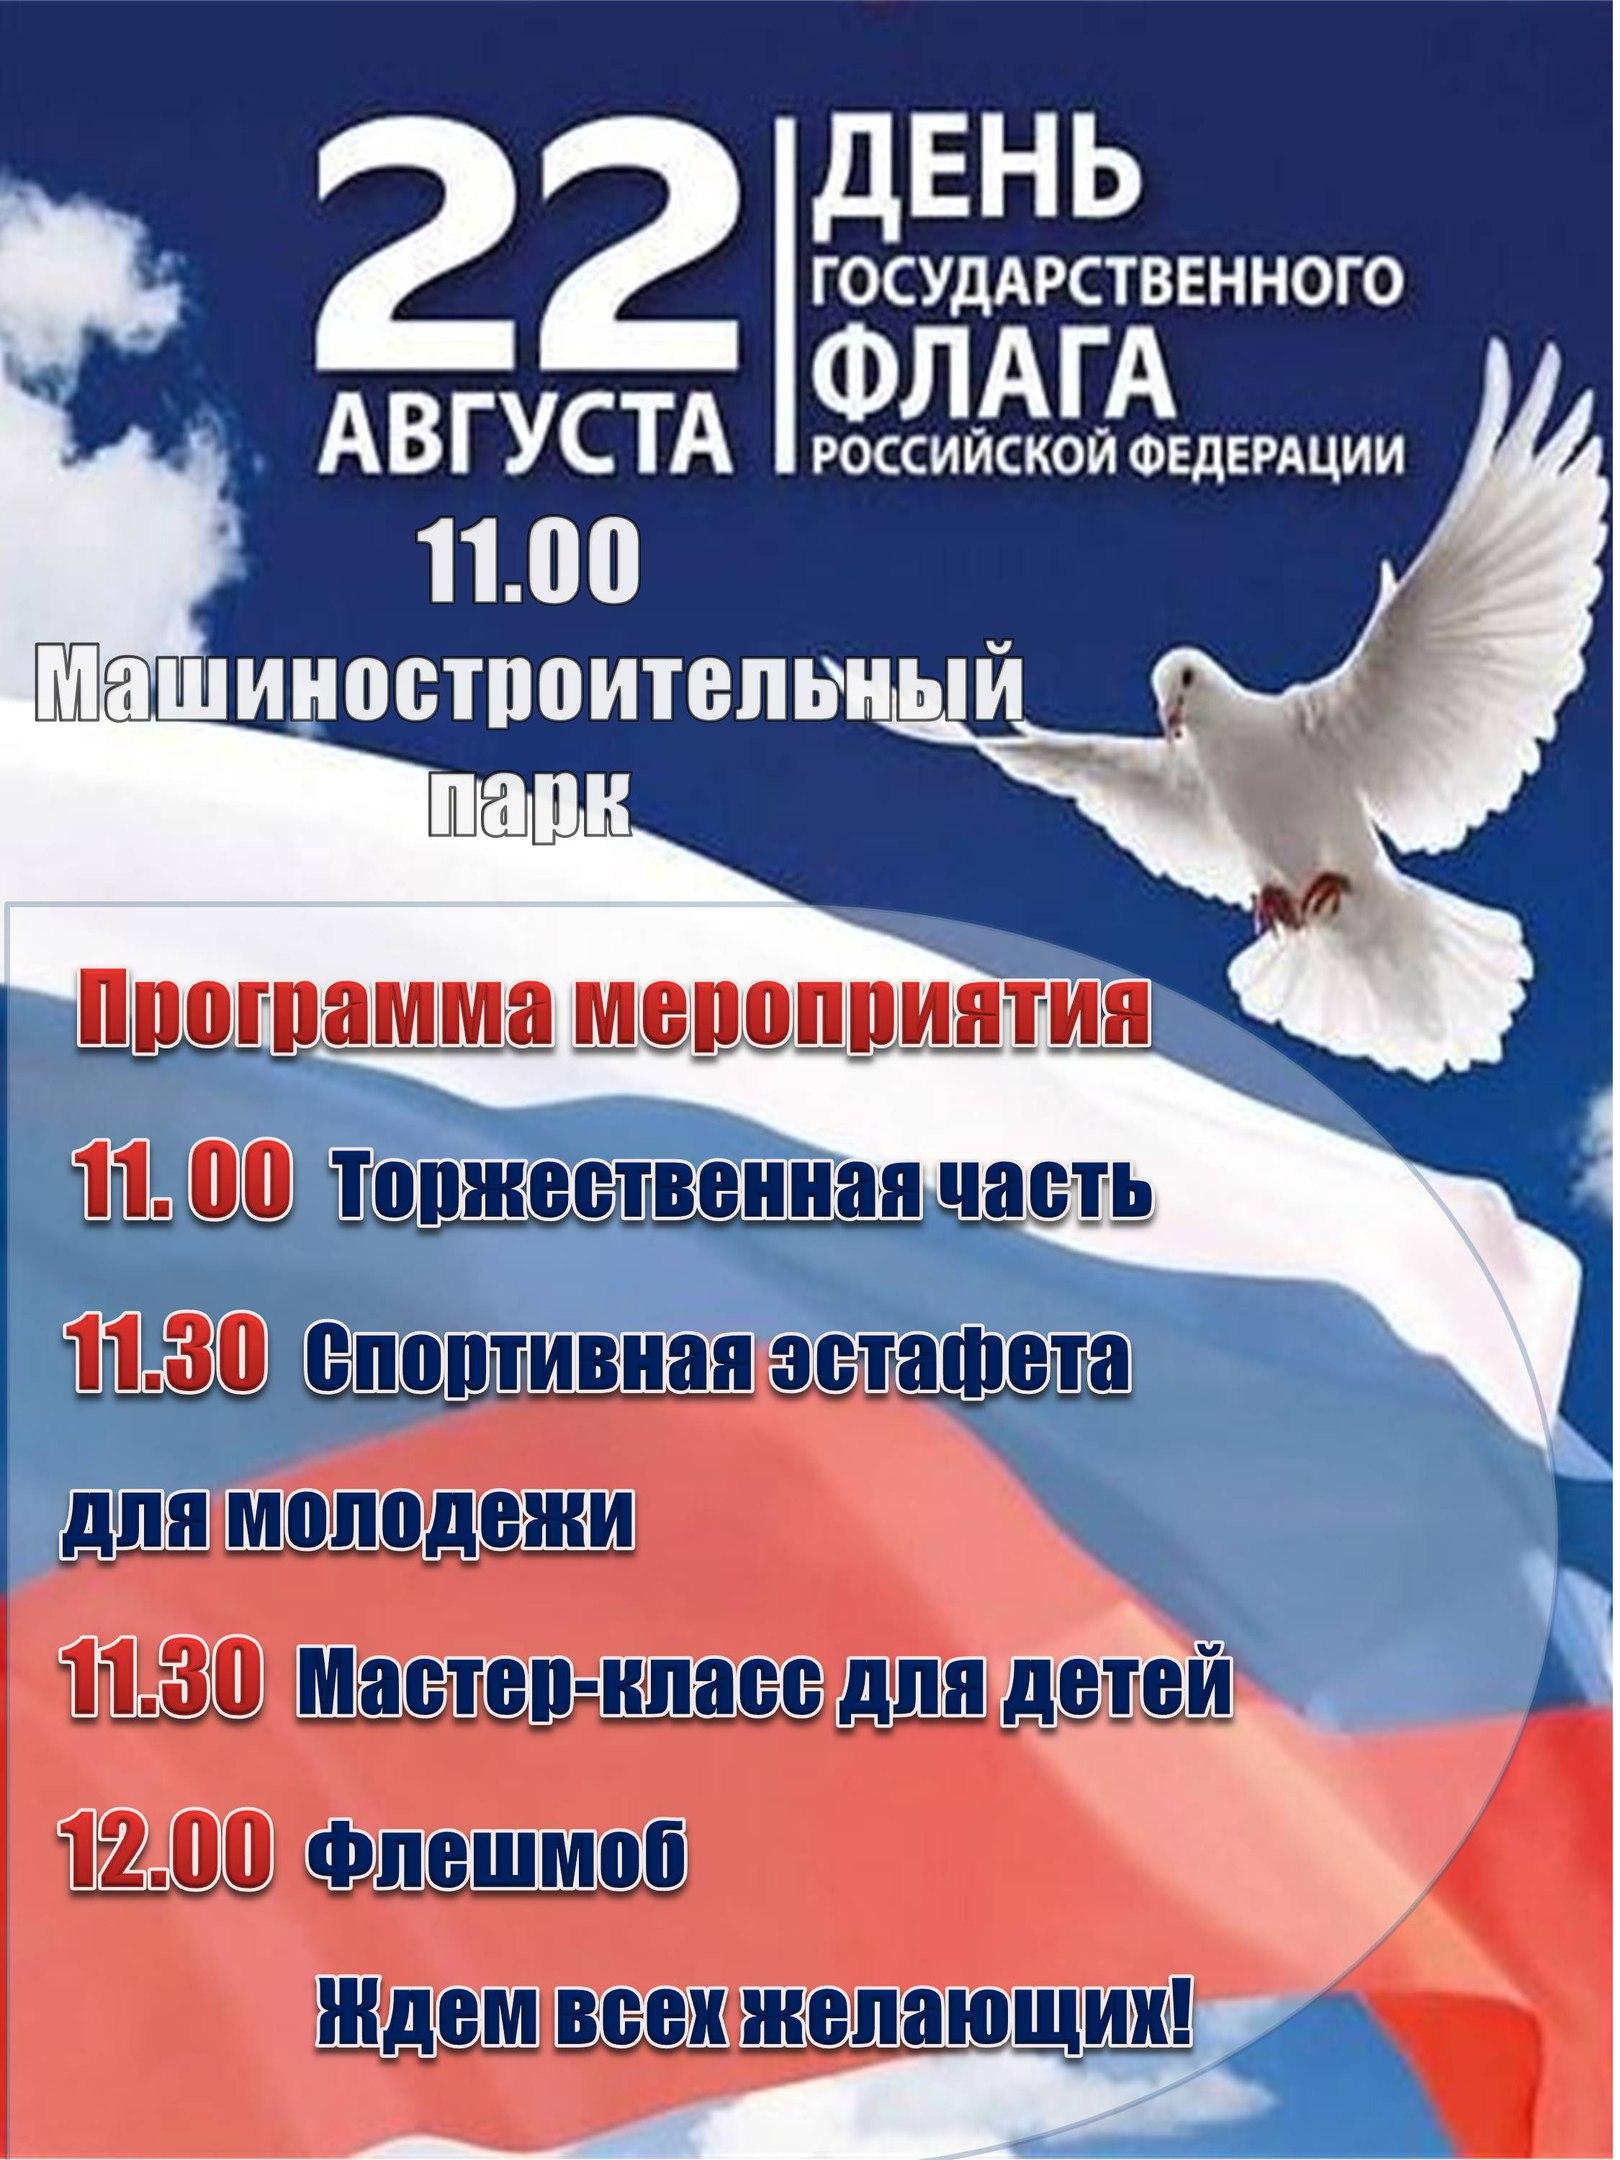 Российскому триколору посвящается